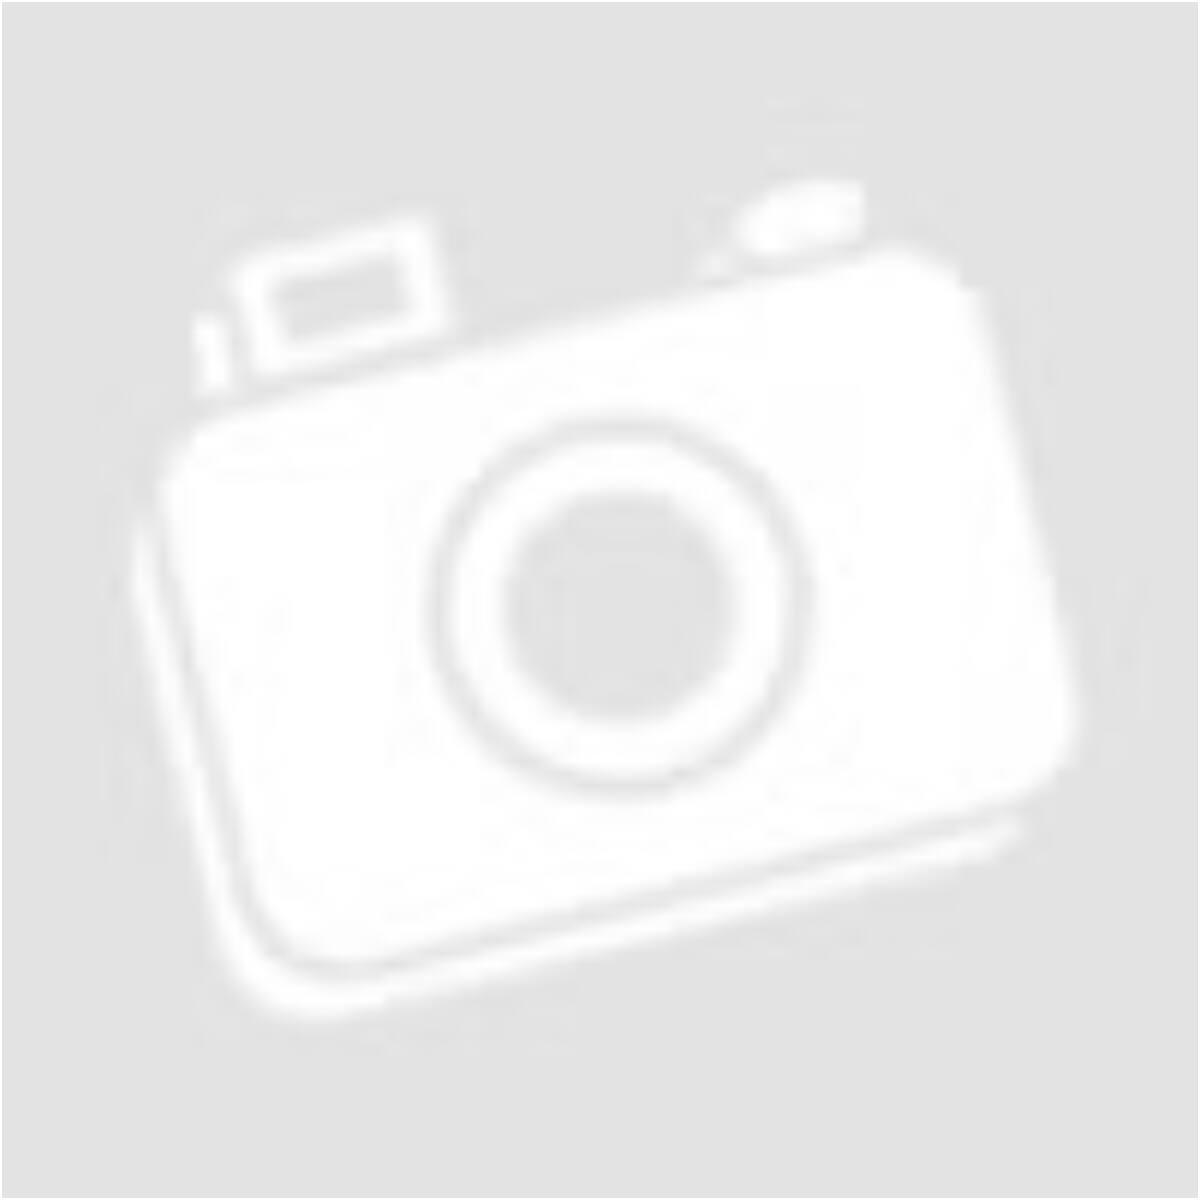 f88e9d144b Új Zara rövidnadrág S - Rövidnadrágok